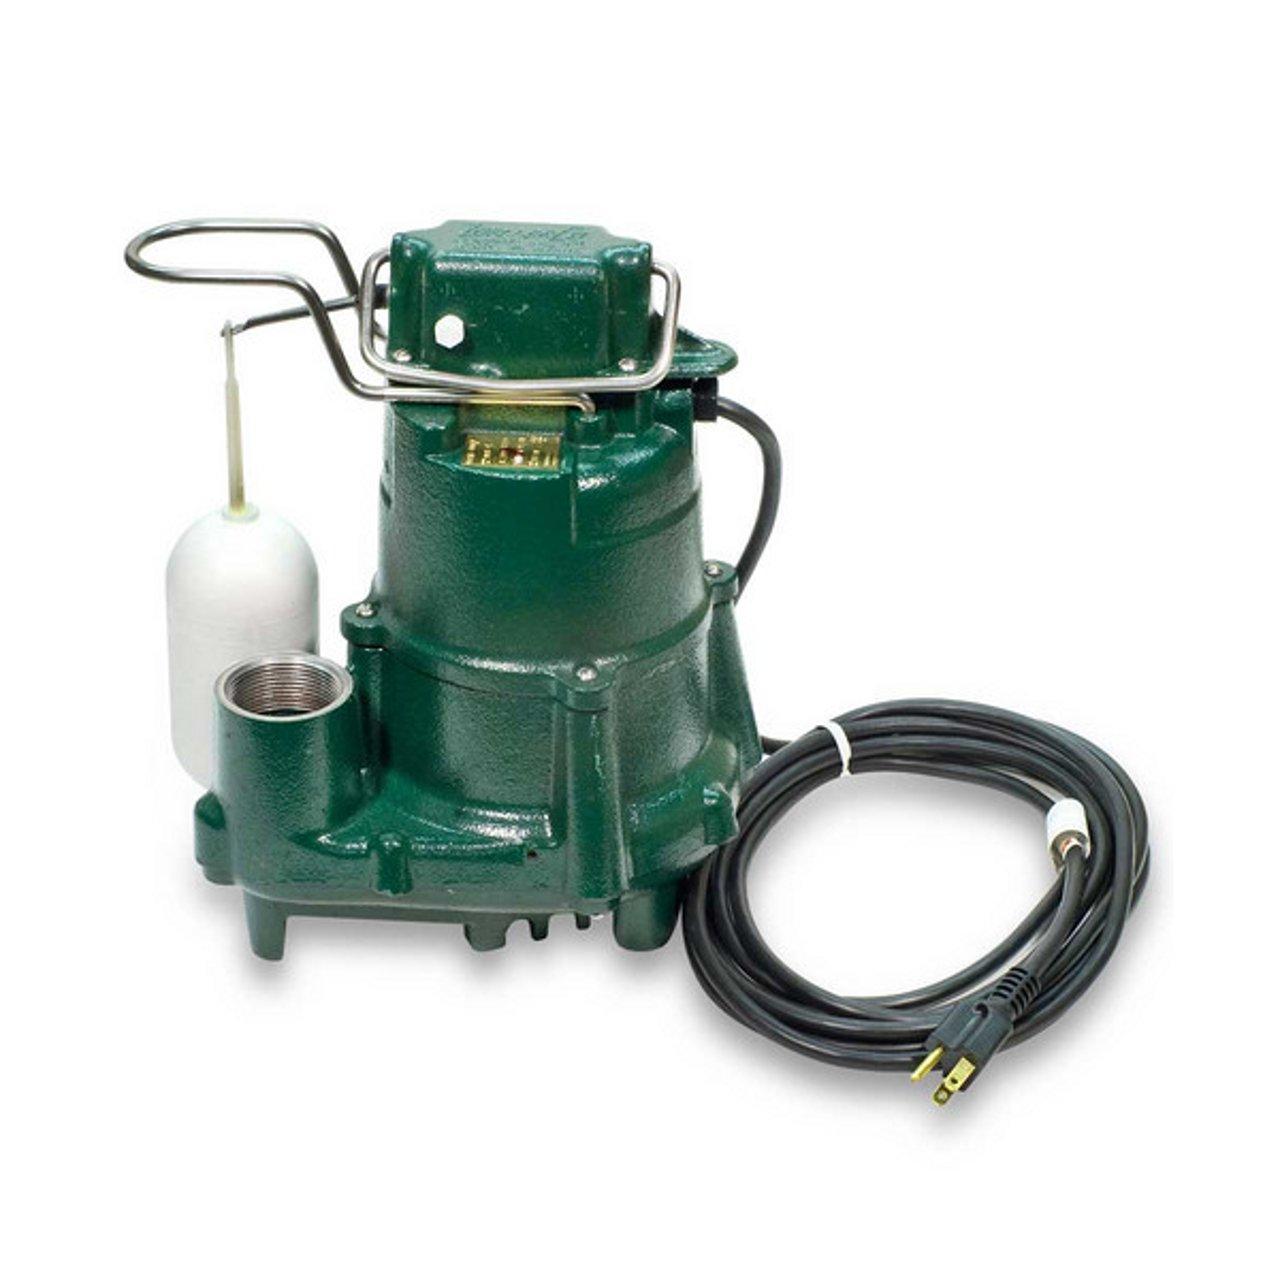 Zoeller 98-0001 115-Volt 1/2 Horse Power Model M98 Flow-Mate Automatic Cast Iron Single Phase Submersible Sump/Effluent Pump